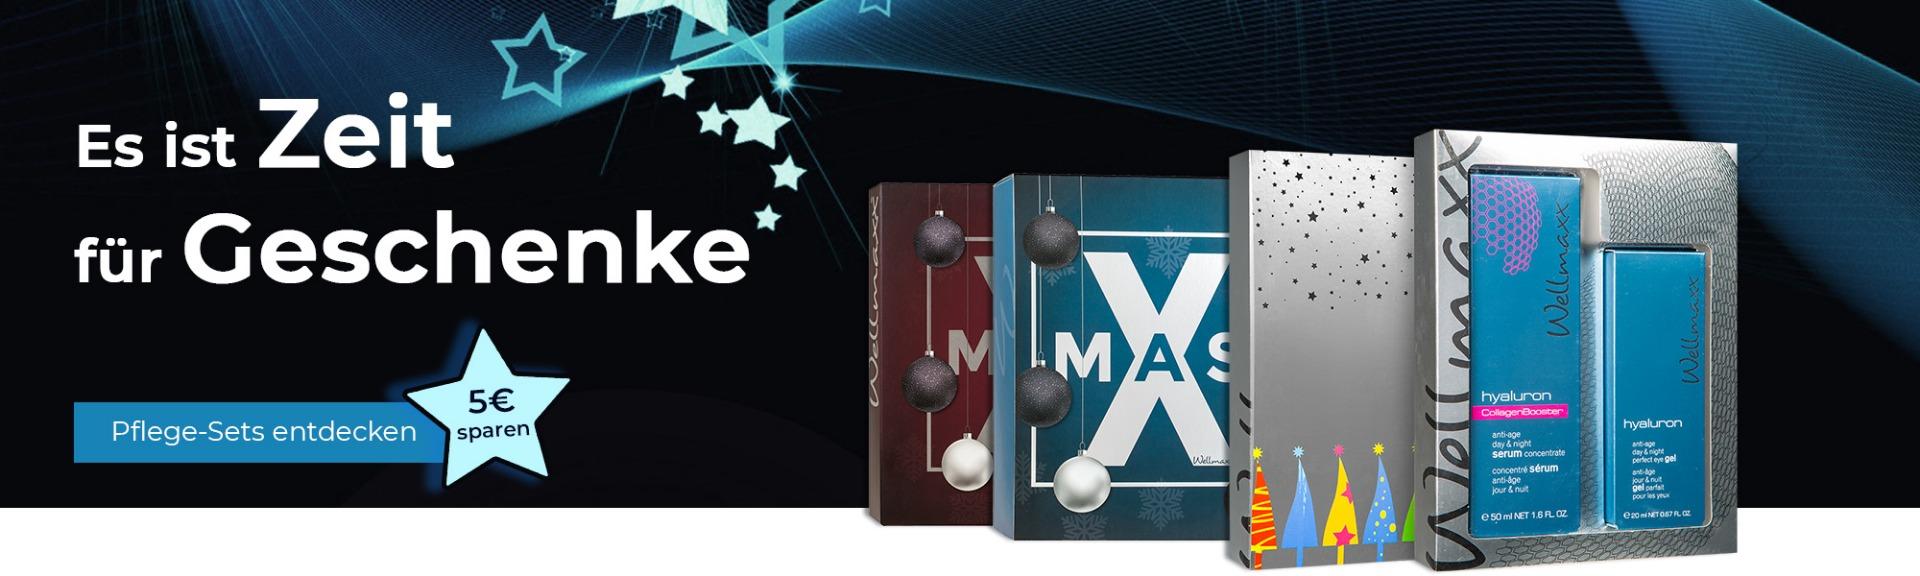 WELLMAXX Geschenkboxen